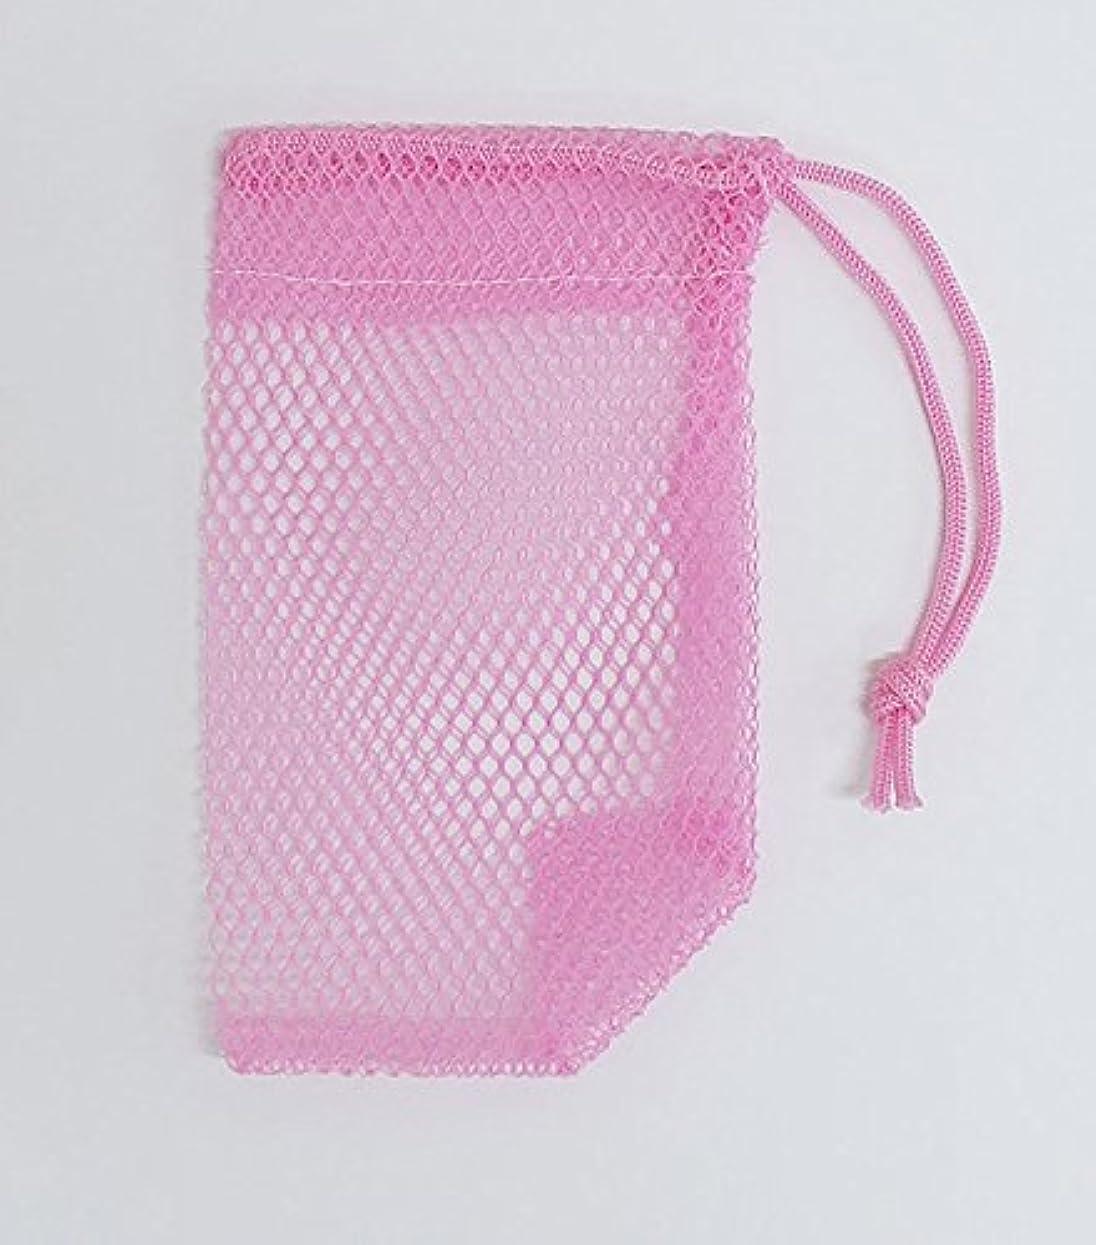 スラダム全部輸血石けんネット ひもタイプ 20枚組  ピンク